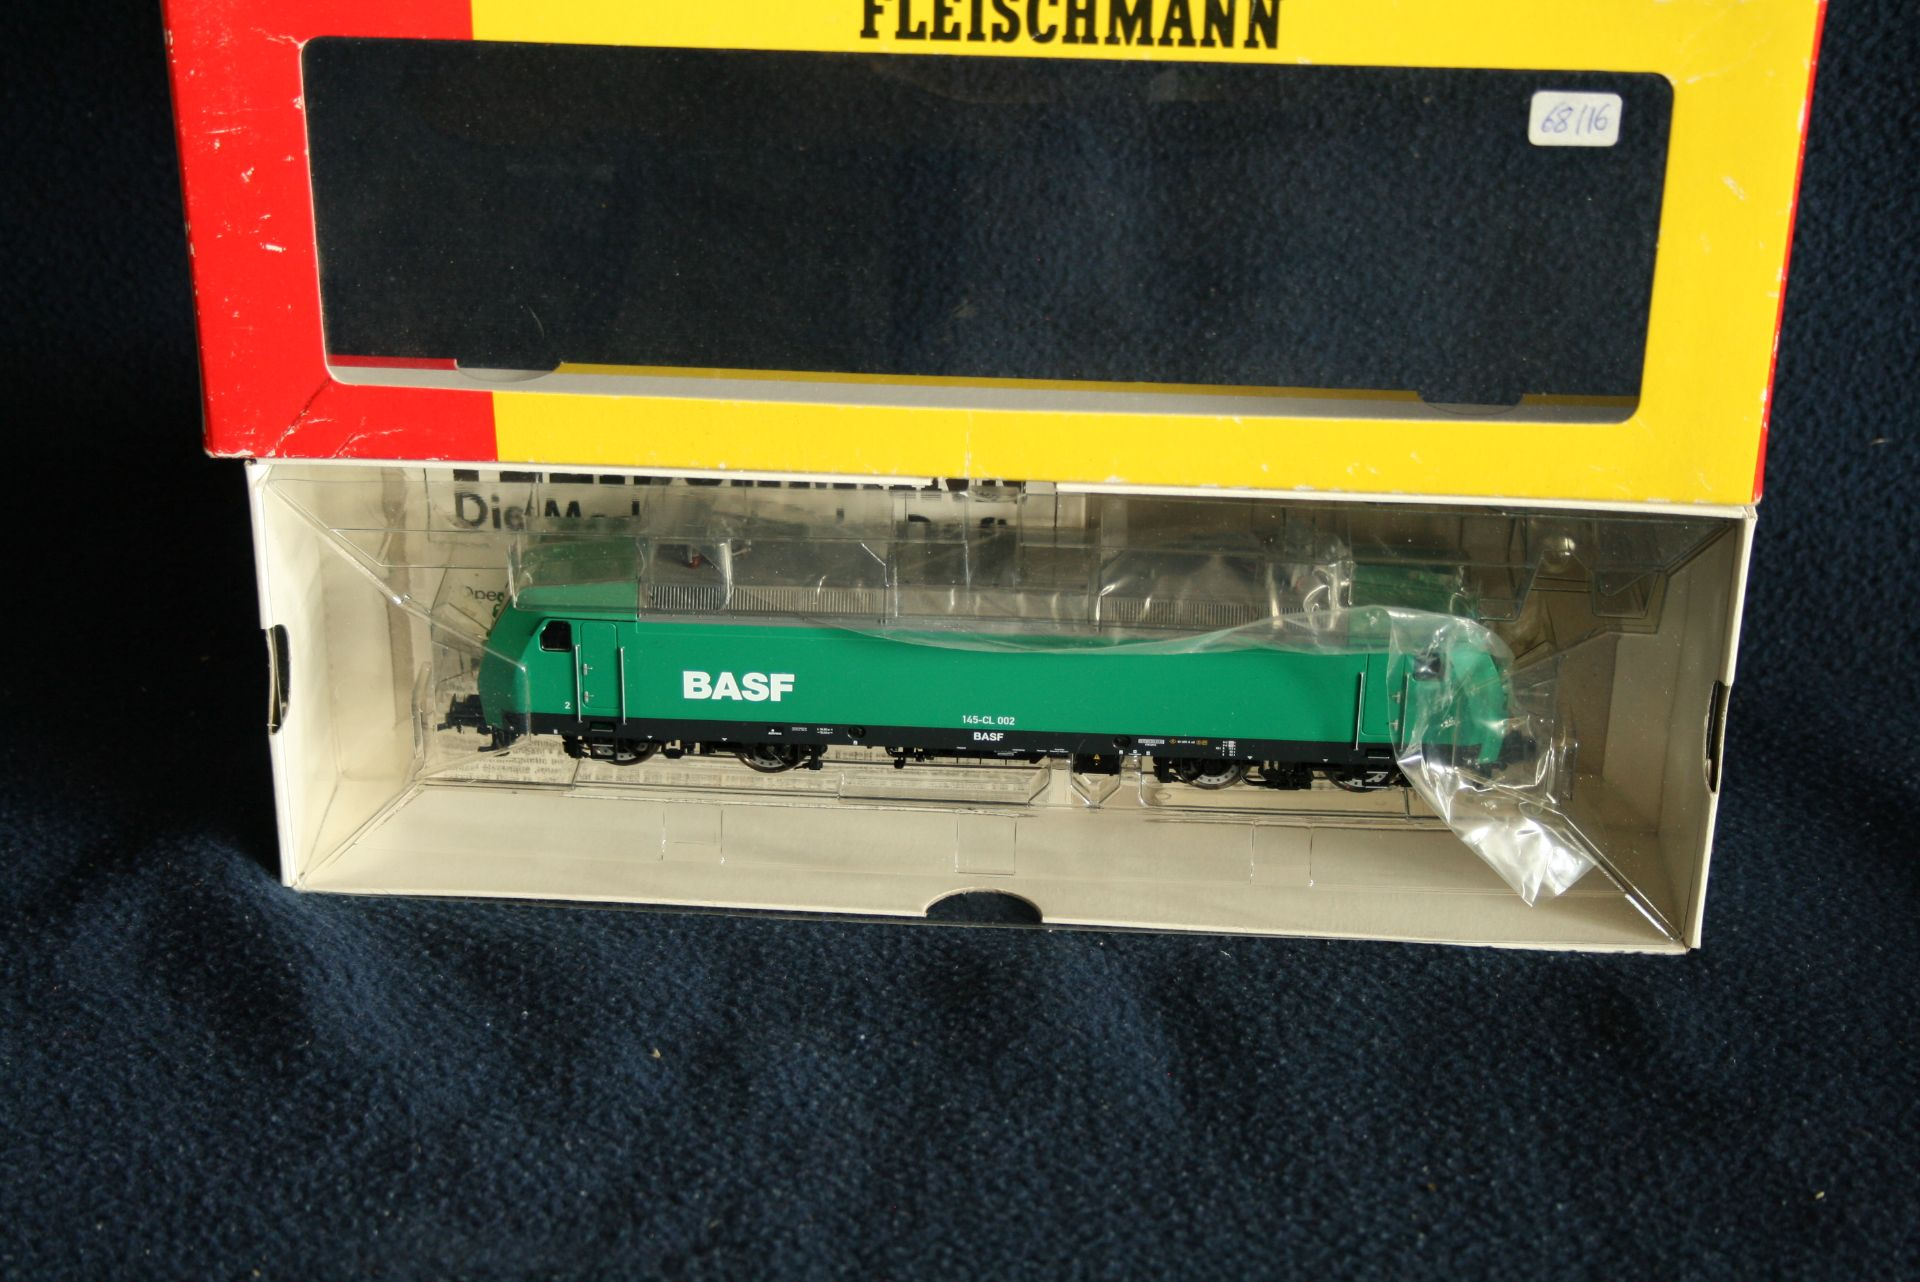 FLEISCHMANN H0 - 80 4320 - BASF type 145-CL 002, avec boîte d'origine - - [...]